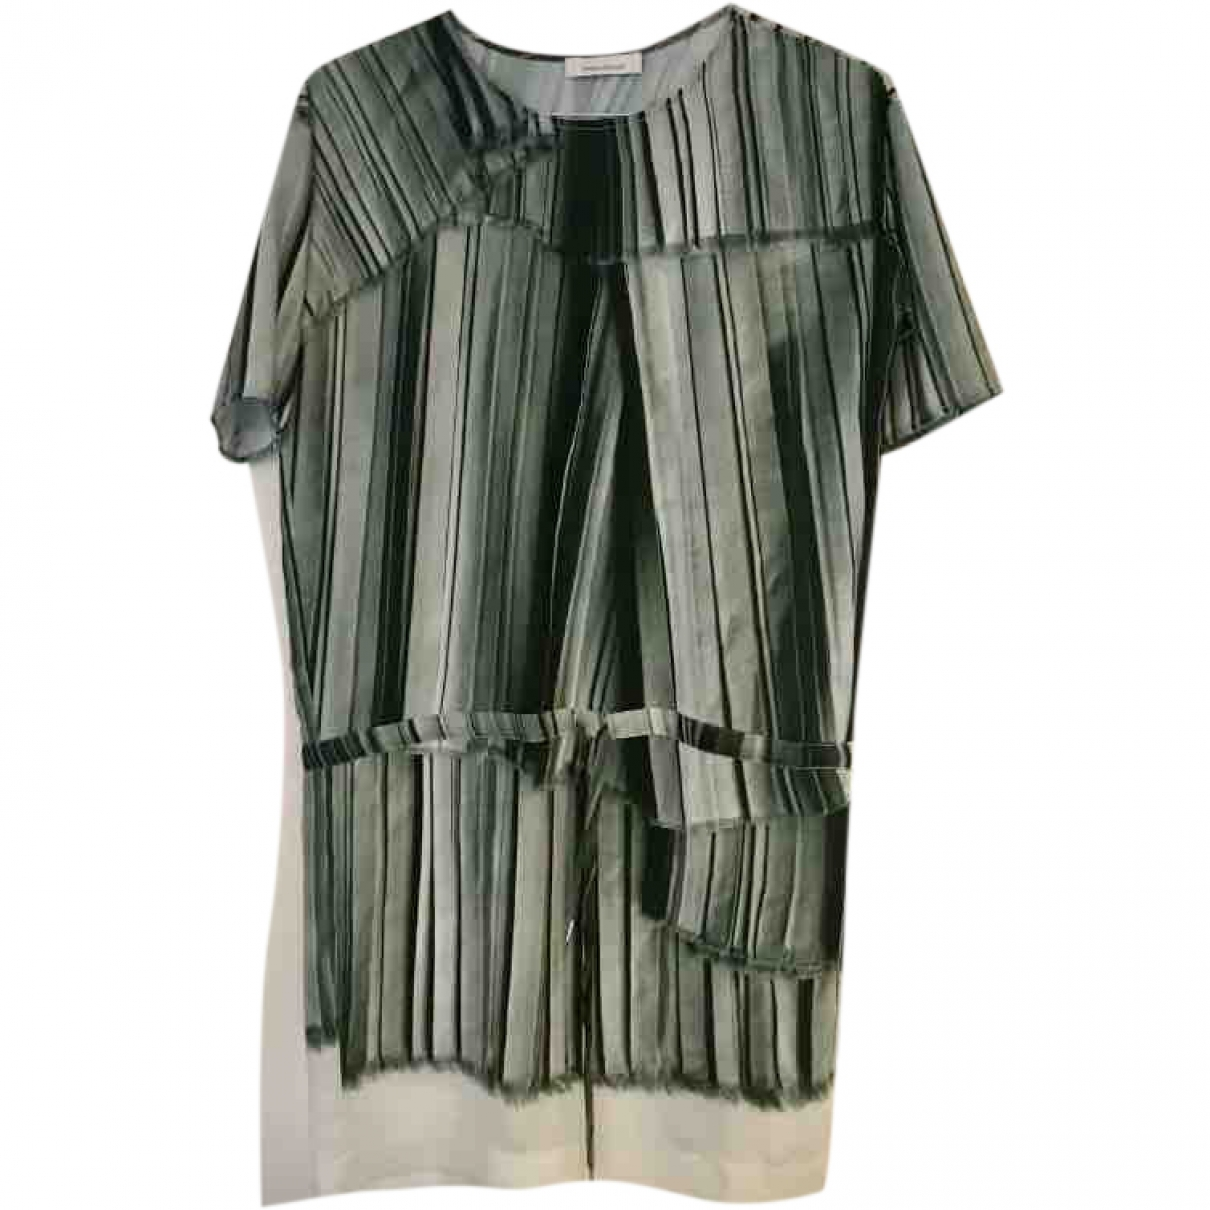 Samsoe & Samsoe \N Multicolour dress for Women XS International